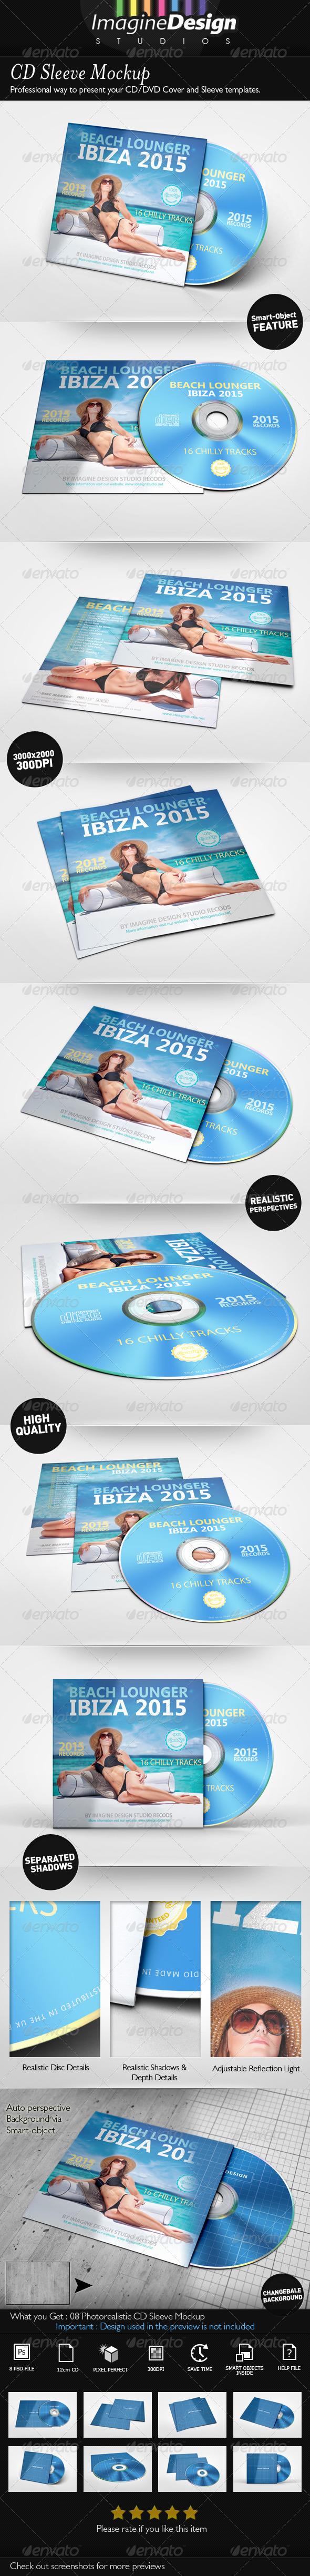 CD Sleeve Mockup - Discs Packaging